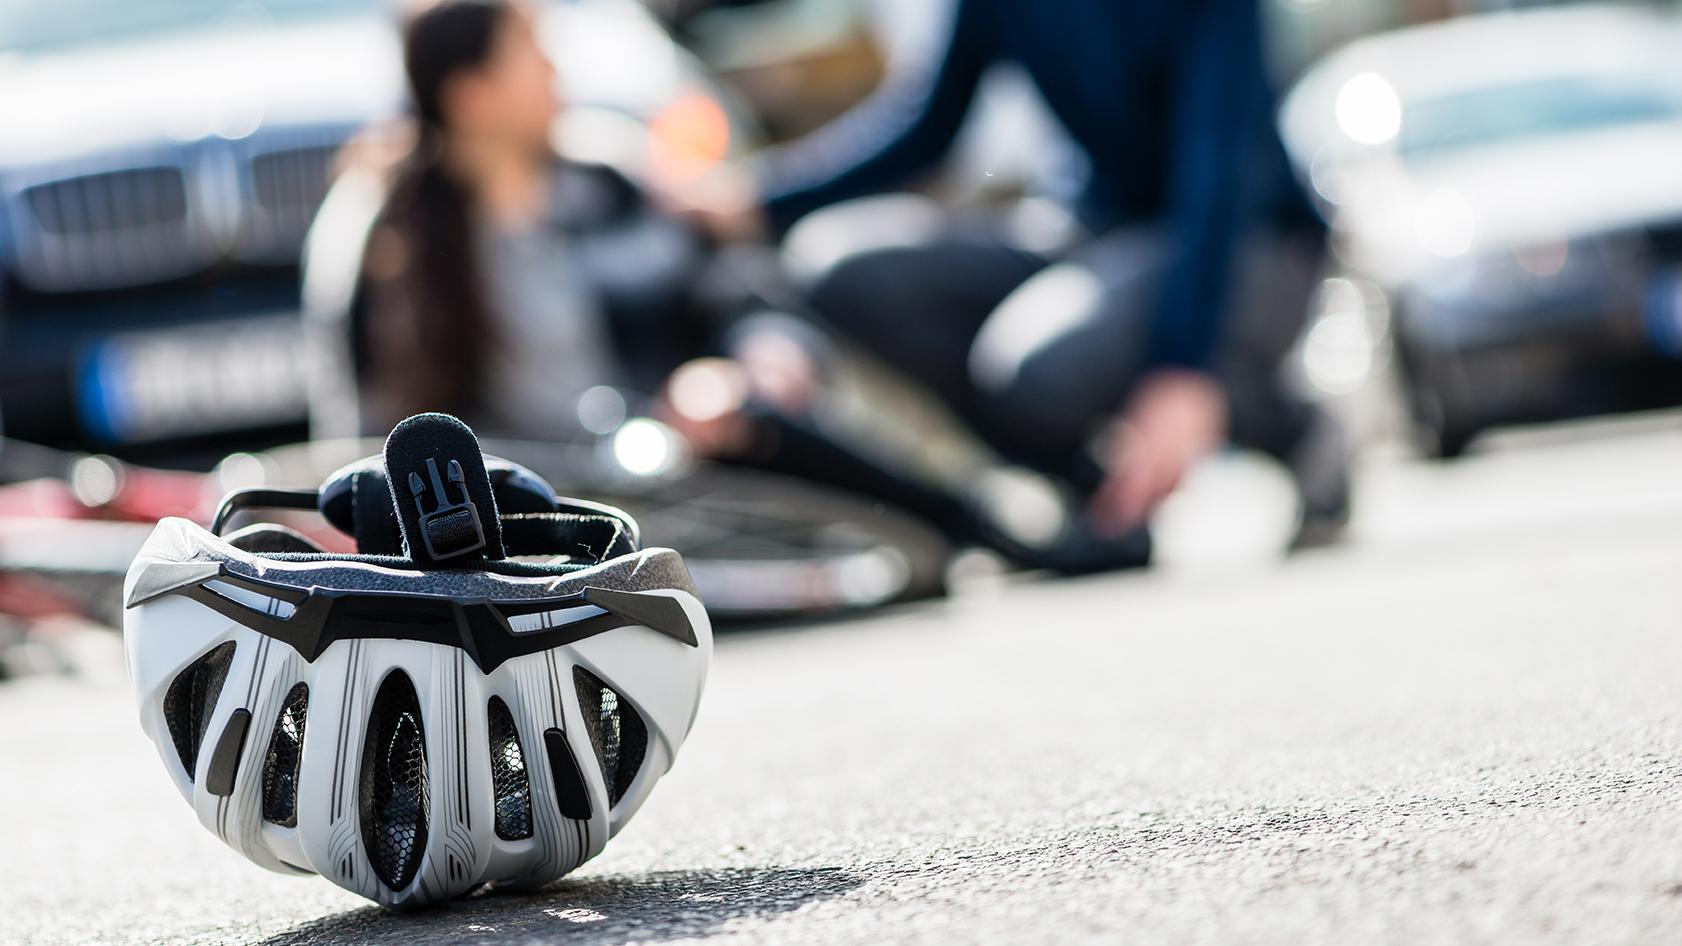 Cykelolycka. Kvinna har trillat på cykel. Cykelhjälmen ligger på marken.